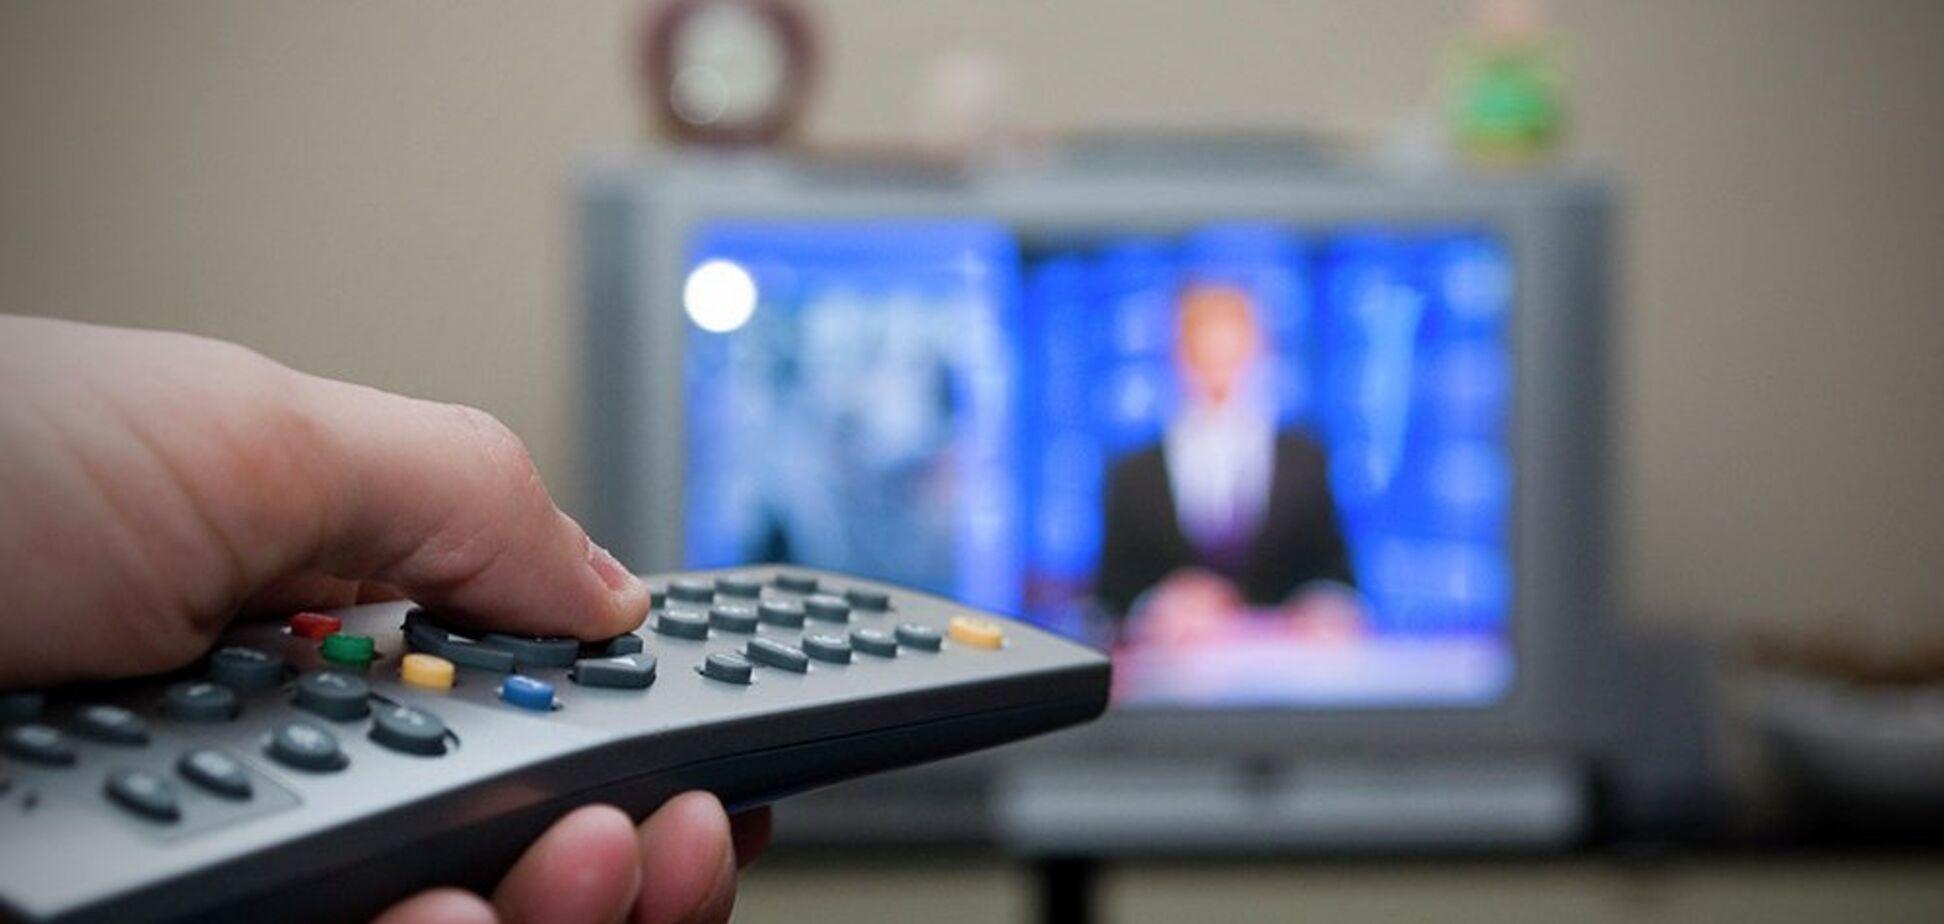 Український телеканал викрили у пропаганді неонацизму й антисемітизму